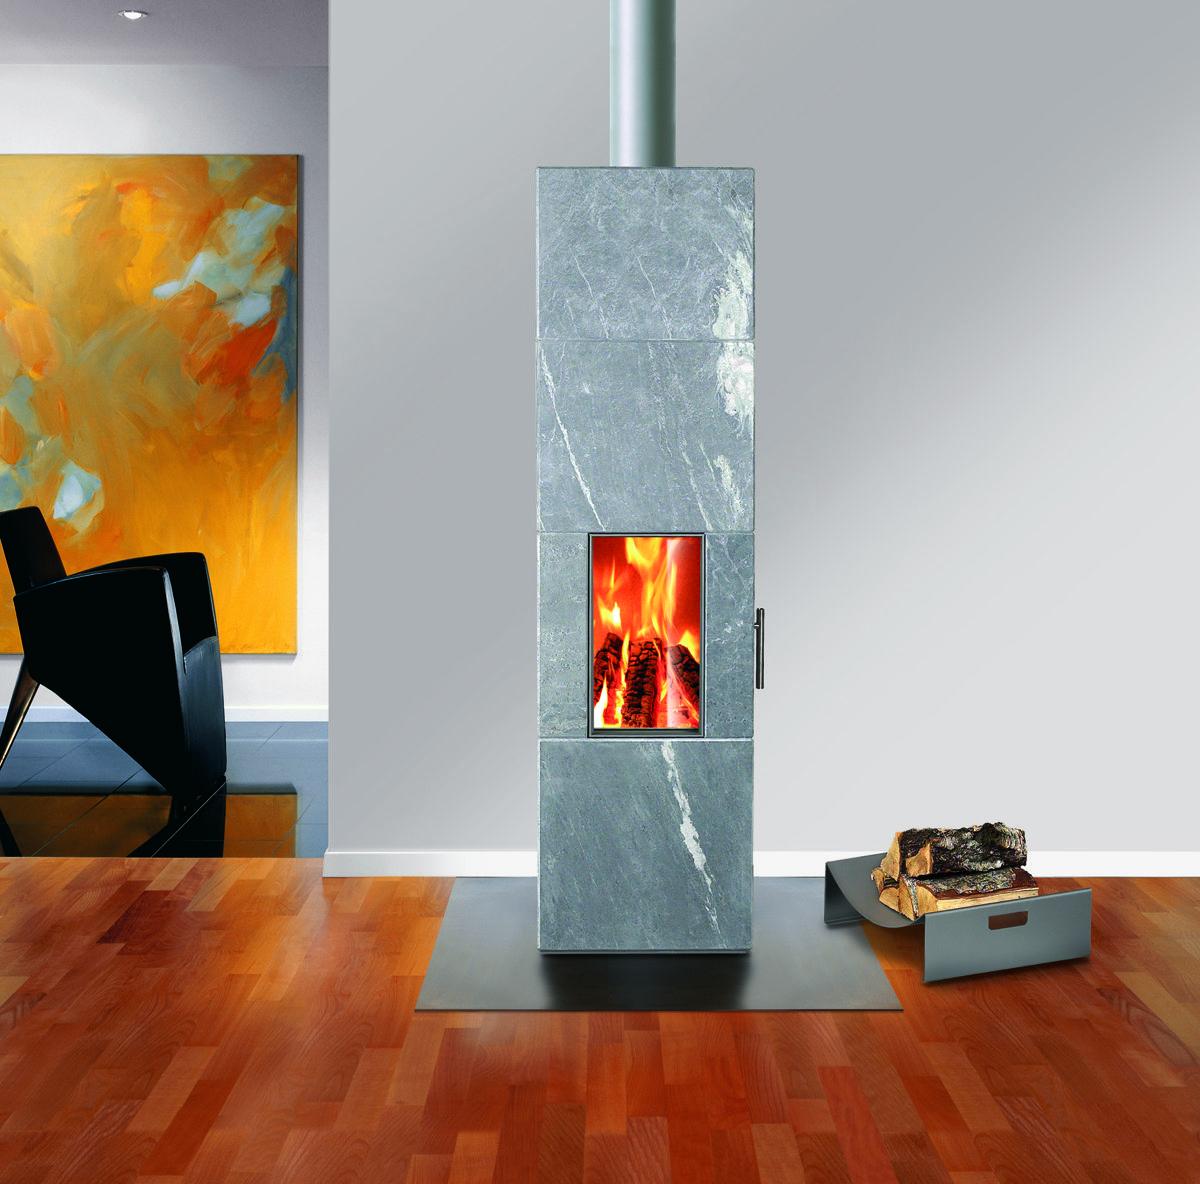 Rais Geo: Vedovn med prisbelønnet design kledd med finsk naturstein. Konveksjonsovn som både gir rask varme, og som lagrer varme i steinkappen, noe som gir god temperatur selv etter at ilden er slukket. Kan kombineres med luft utenfra, og dermed brukes i passiv- eller lavenergihus. Rais, også en dansk produsent, har 52 svanemerkede vedovner.